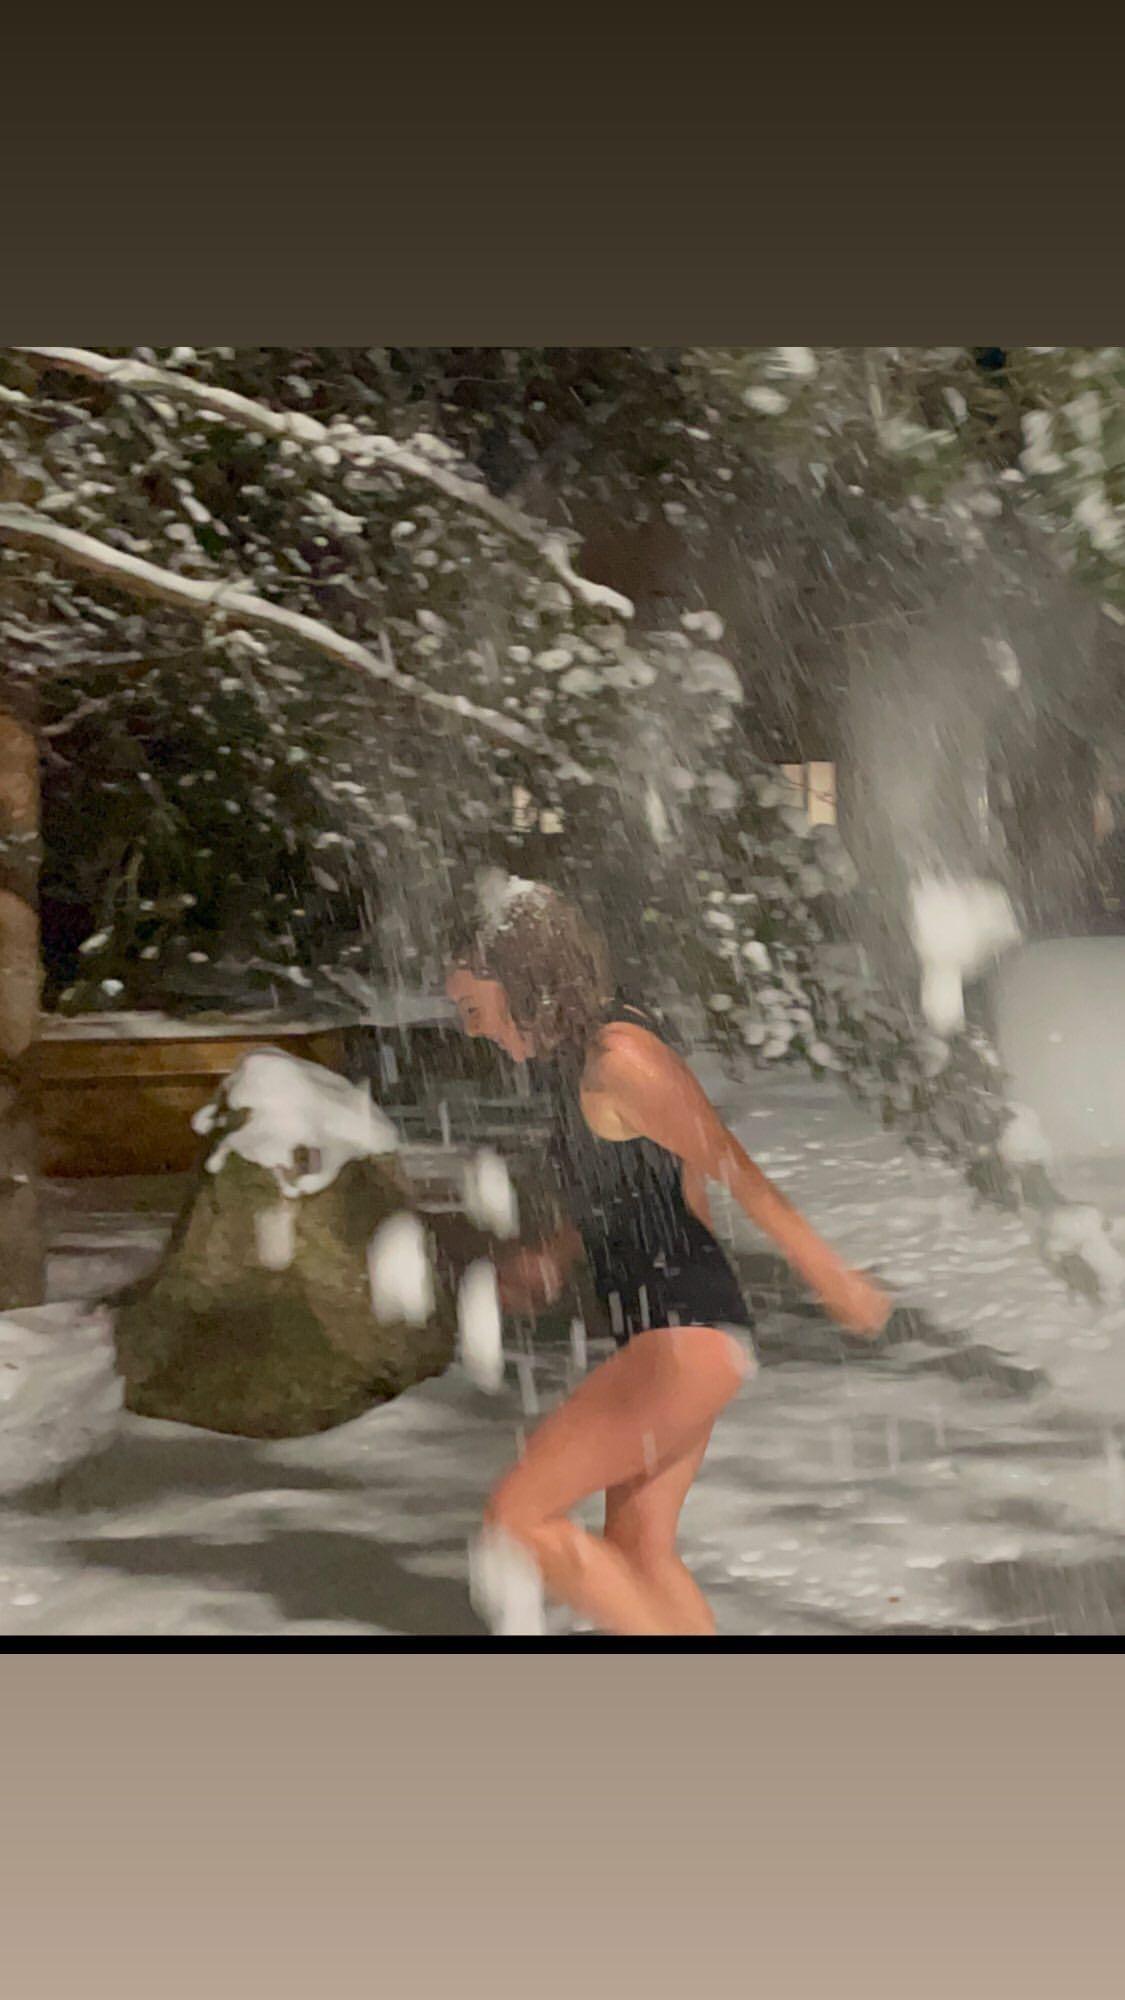 Ünlü sunucu mayoyla karlara atladı! - Sayfa 1